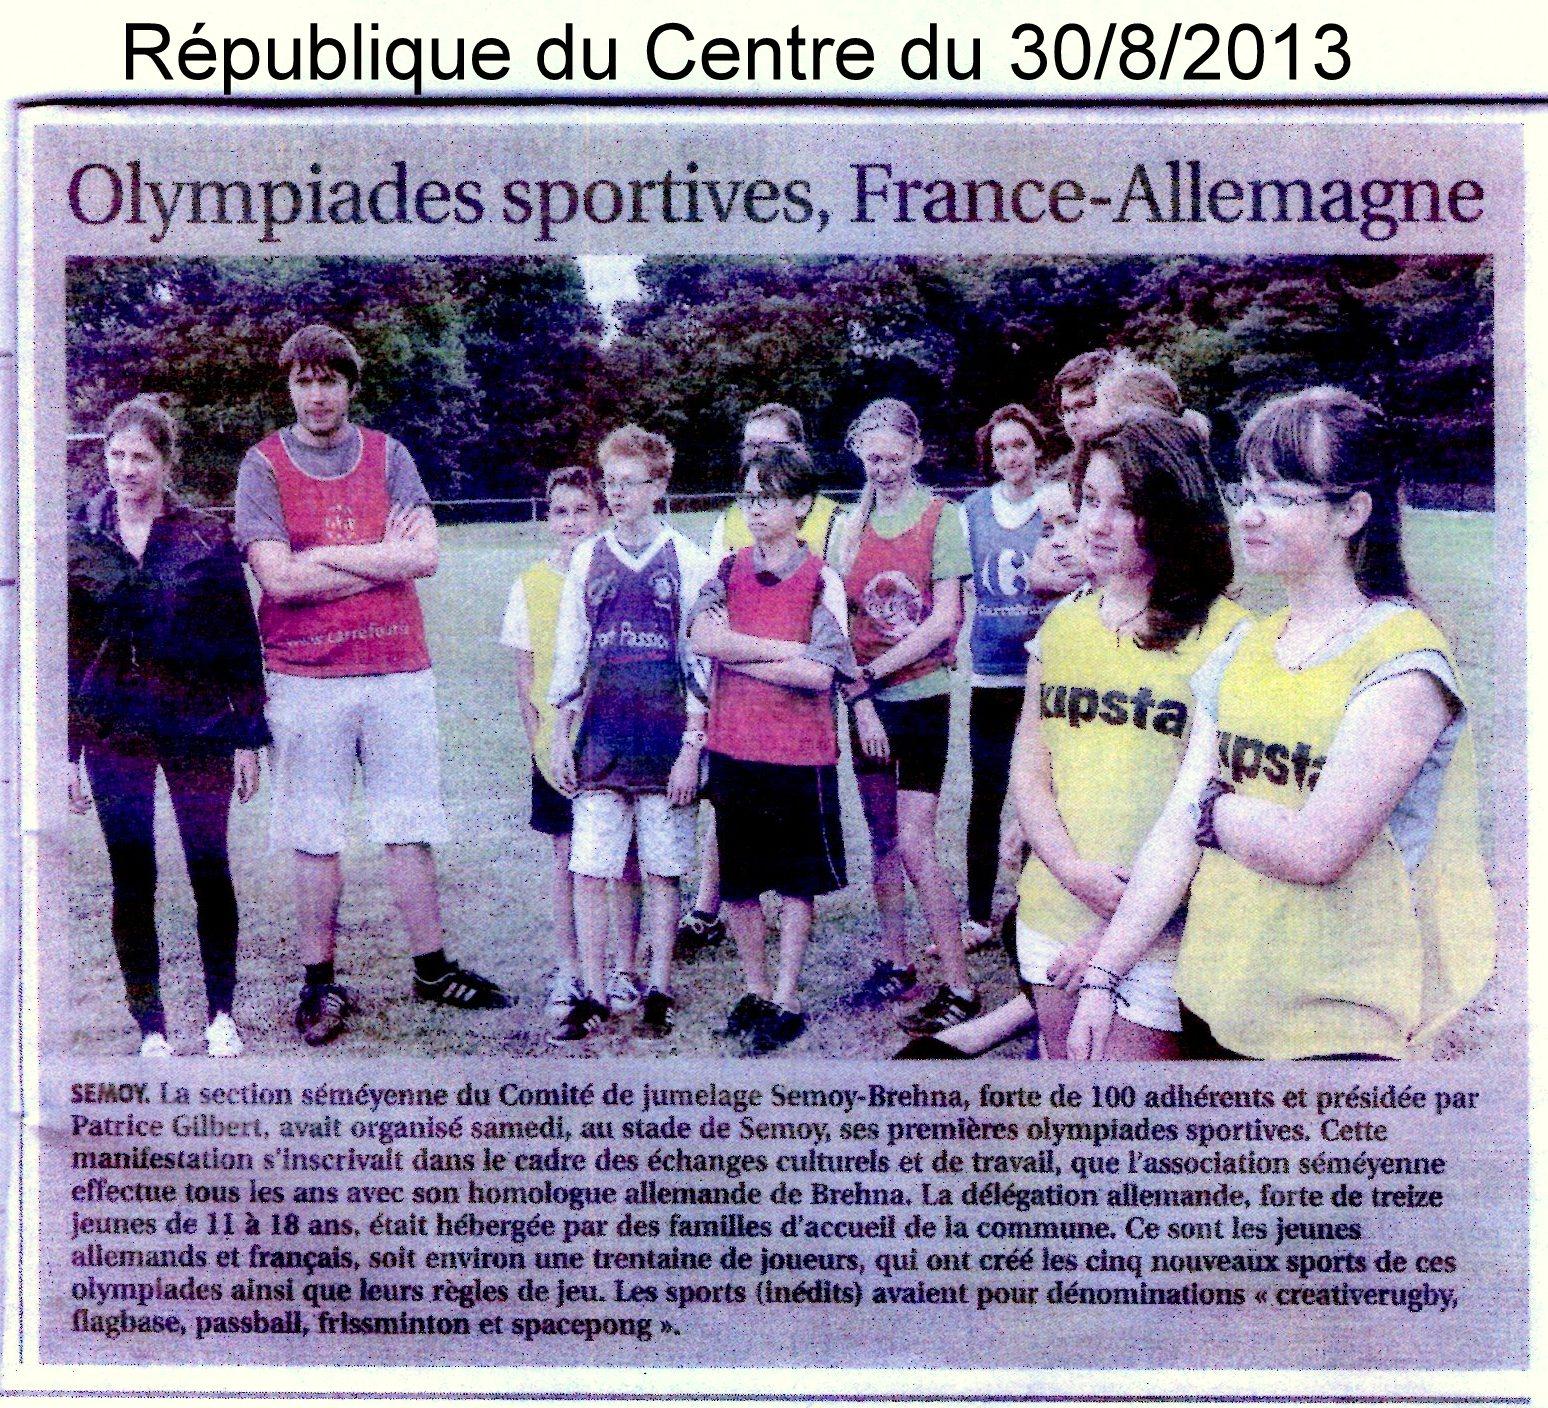 2013 rep du Centre Olympiades